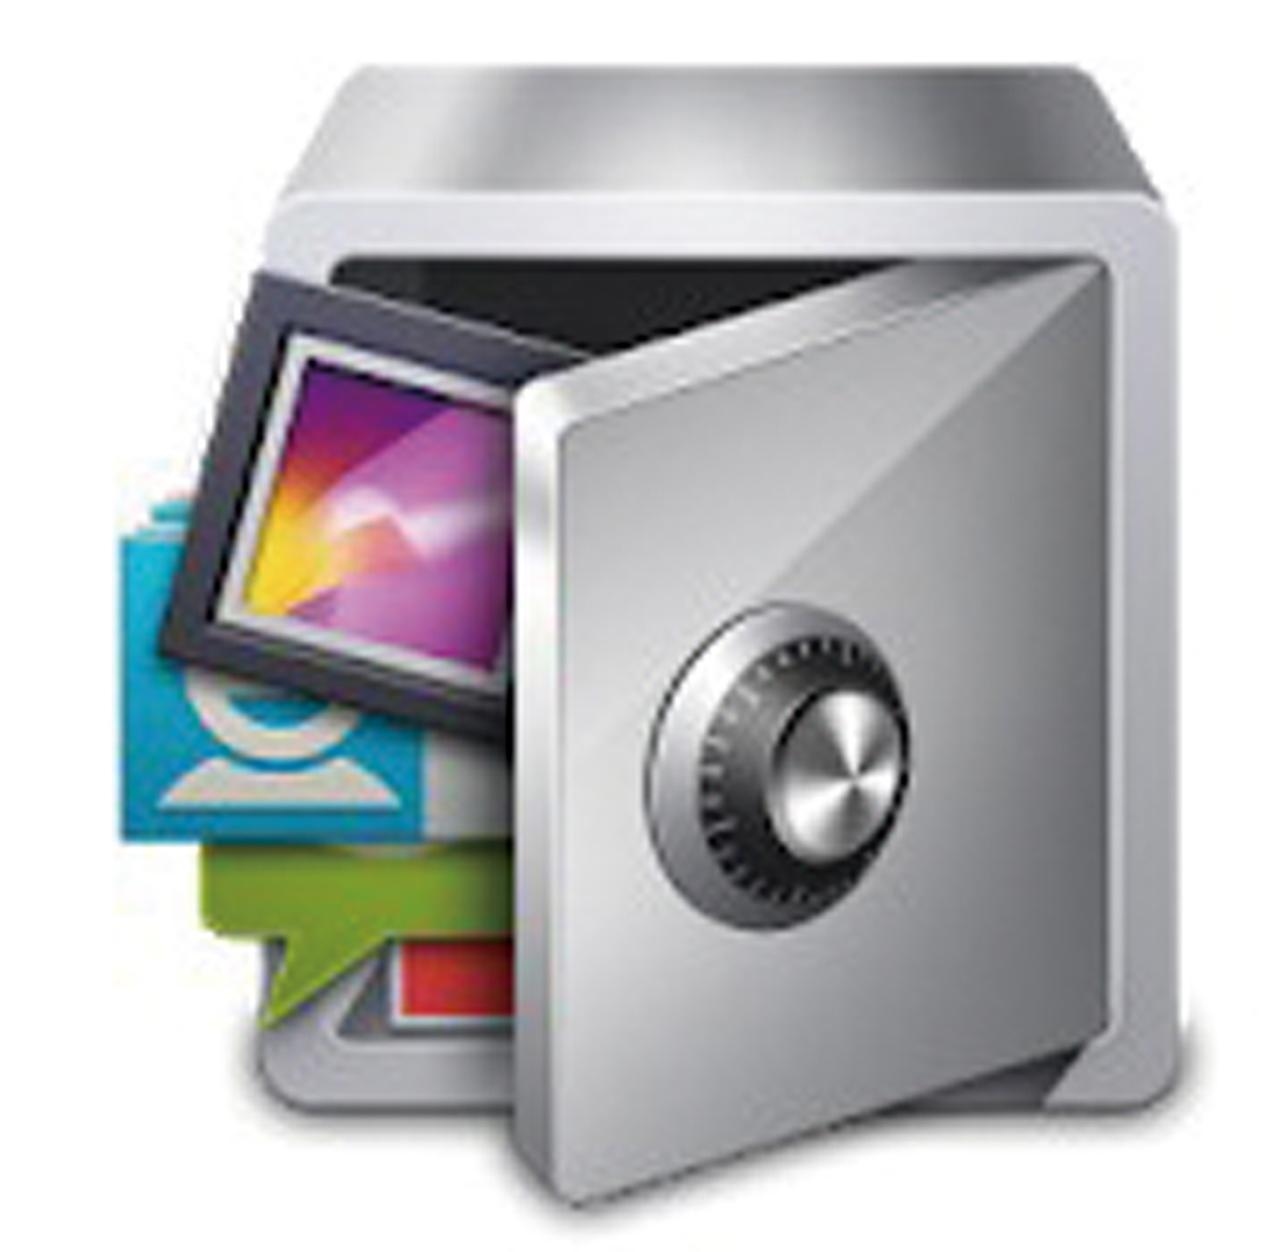 画像1: ❶シーンや時間帯などに合わせアプリごとにロックをかける